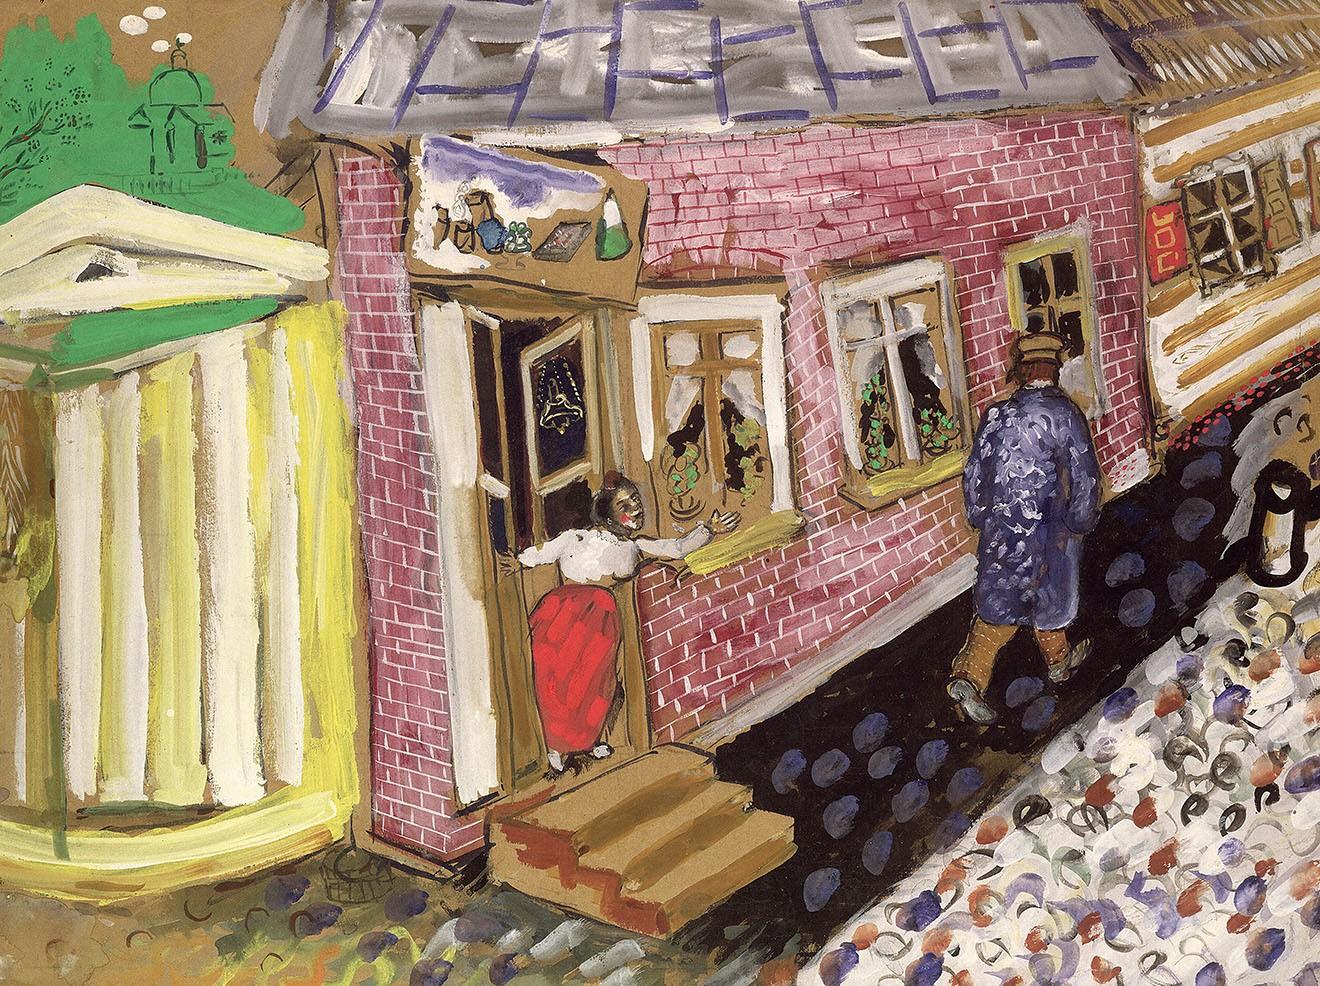 Улица. Картина Марка Шагала. Около 1917–1920 годов / Centre Georges Pompidou / © Fine Art Images / Diomedia